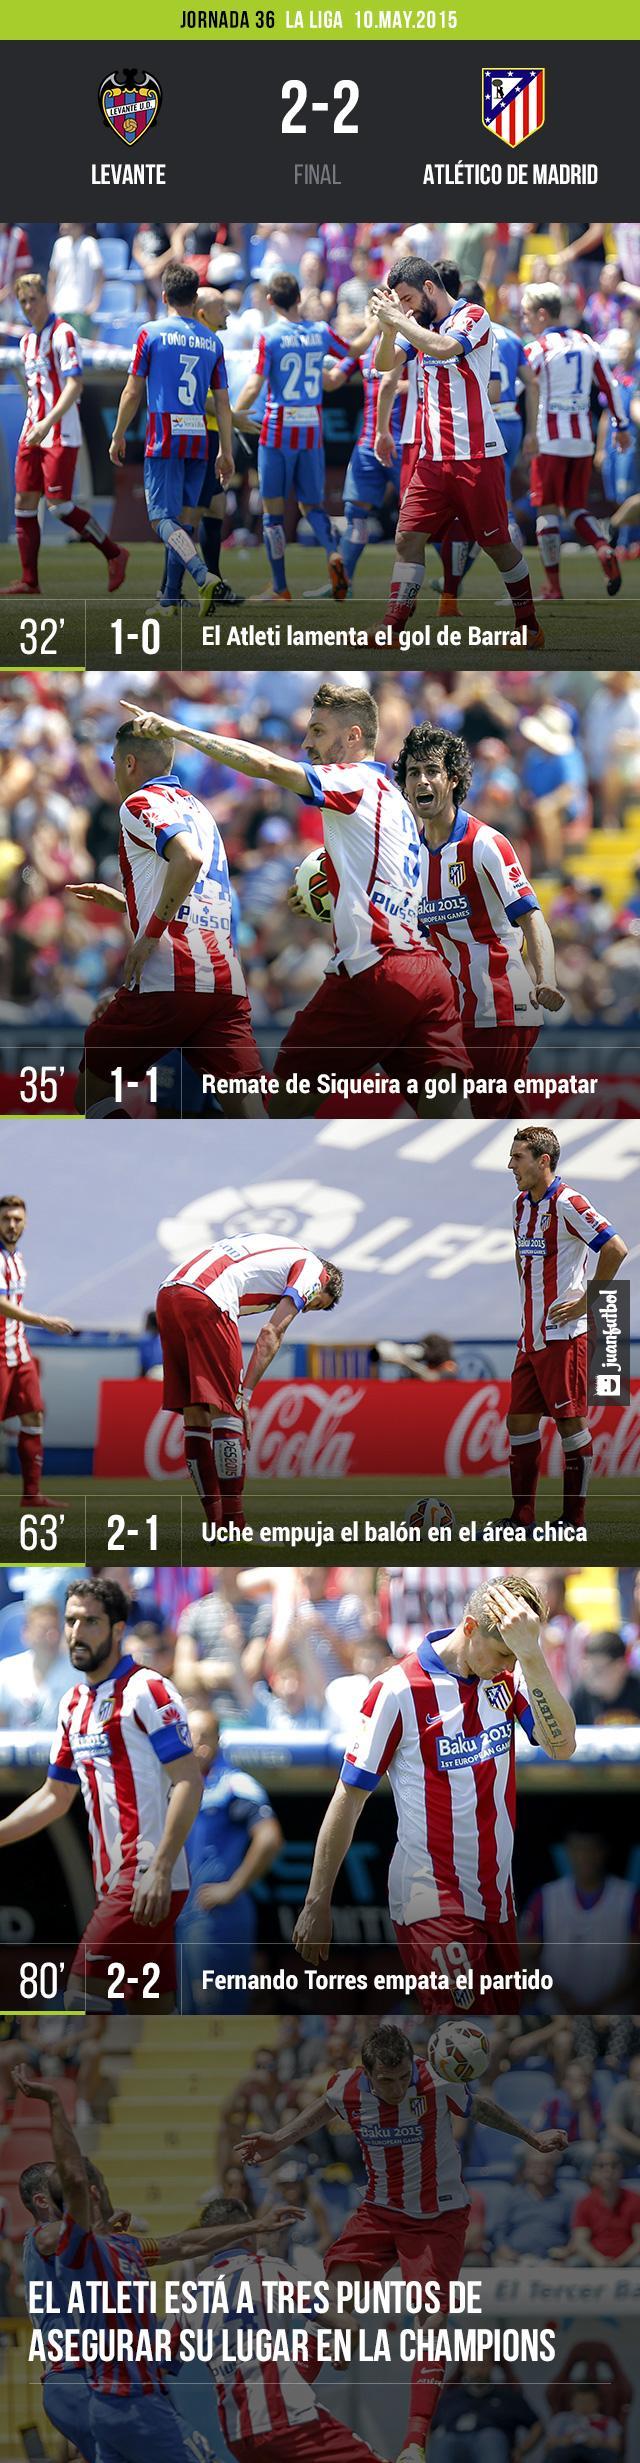 Levante 2-2 Atlético de Madrid